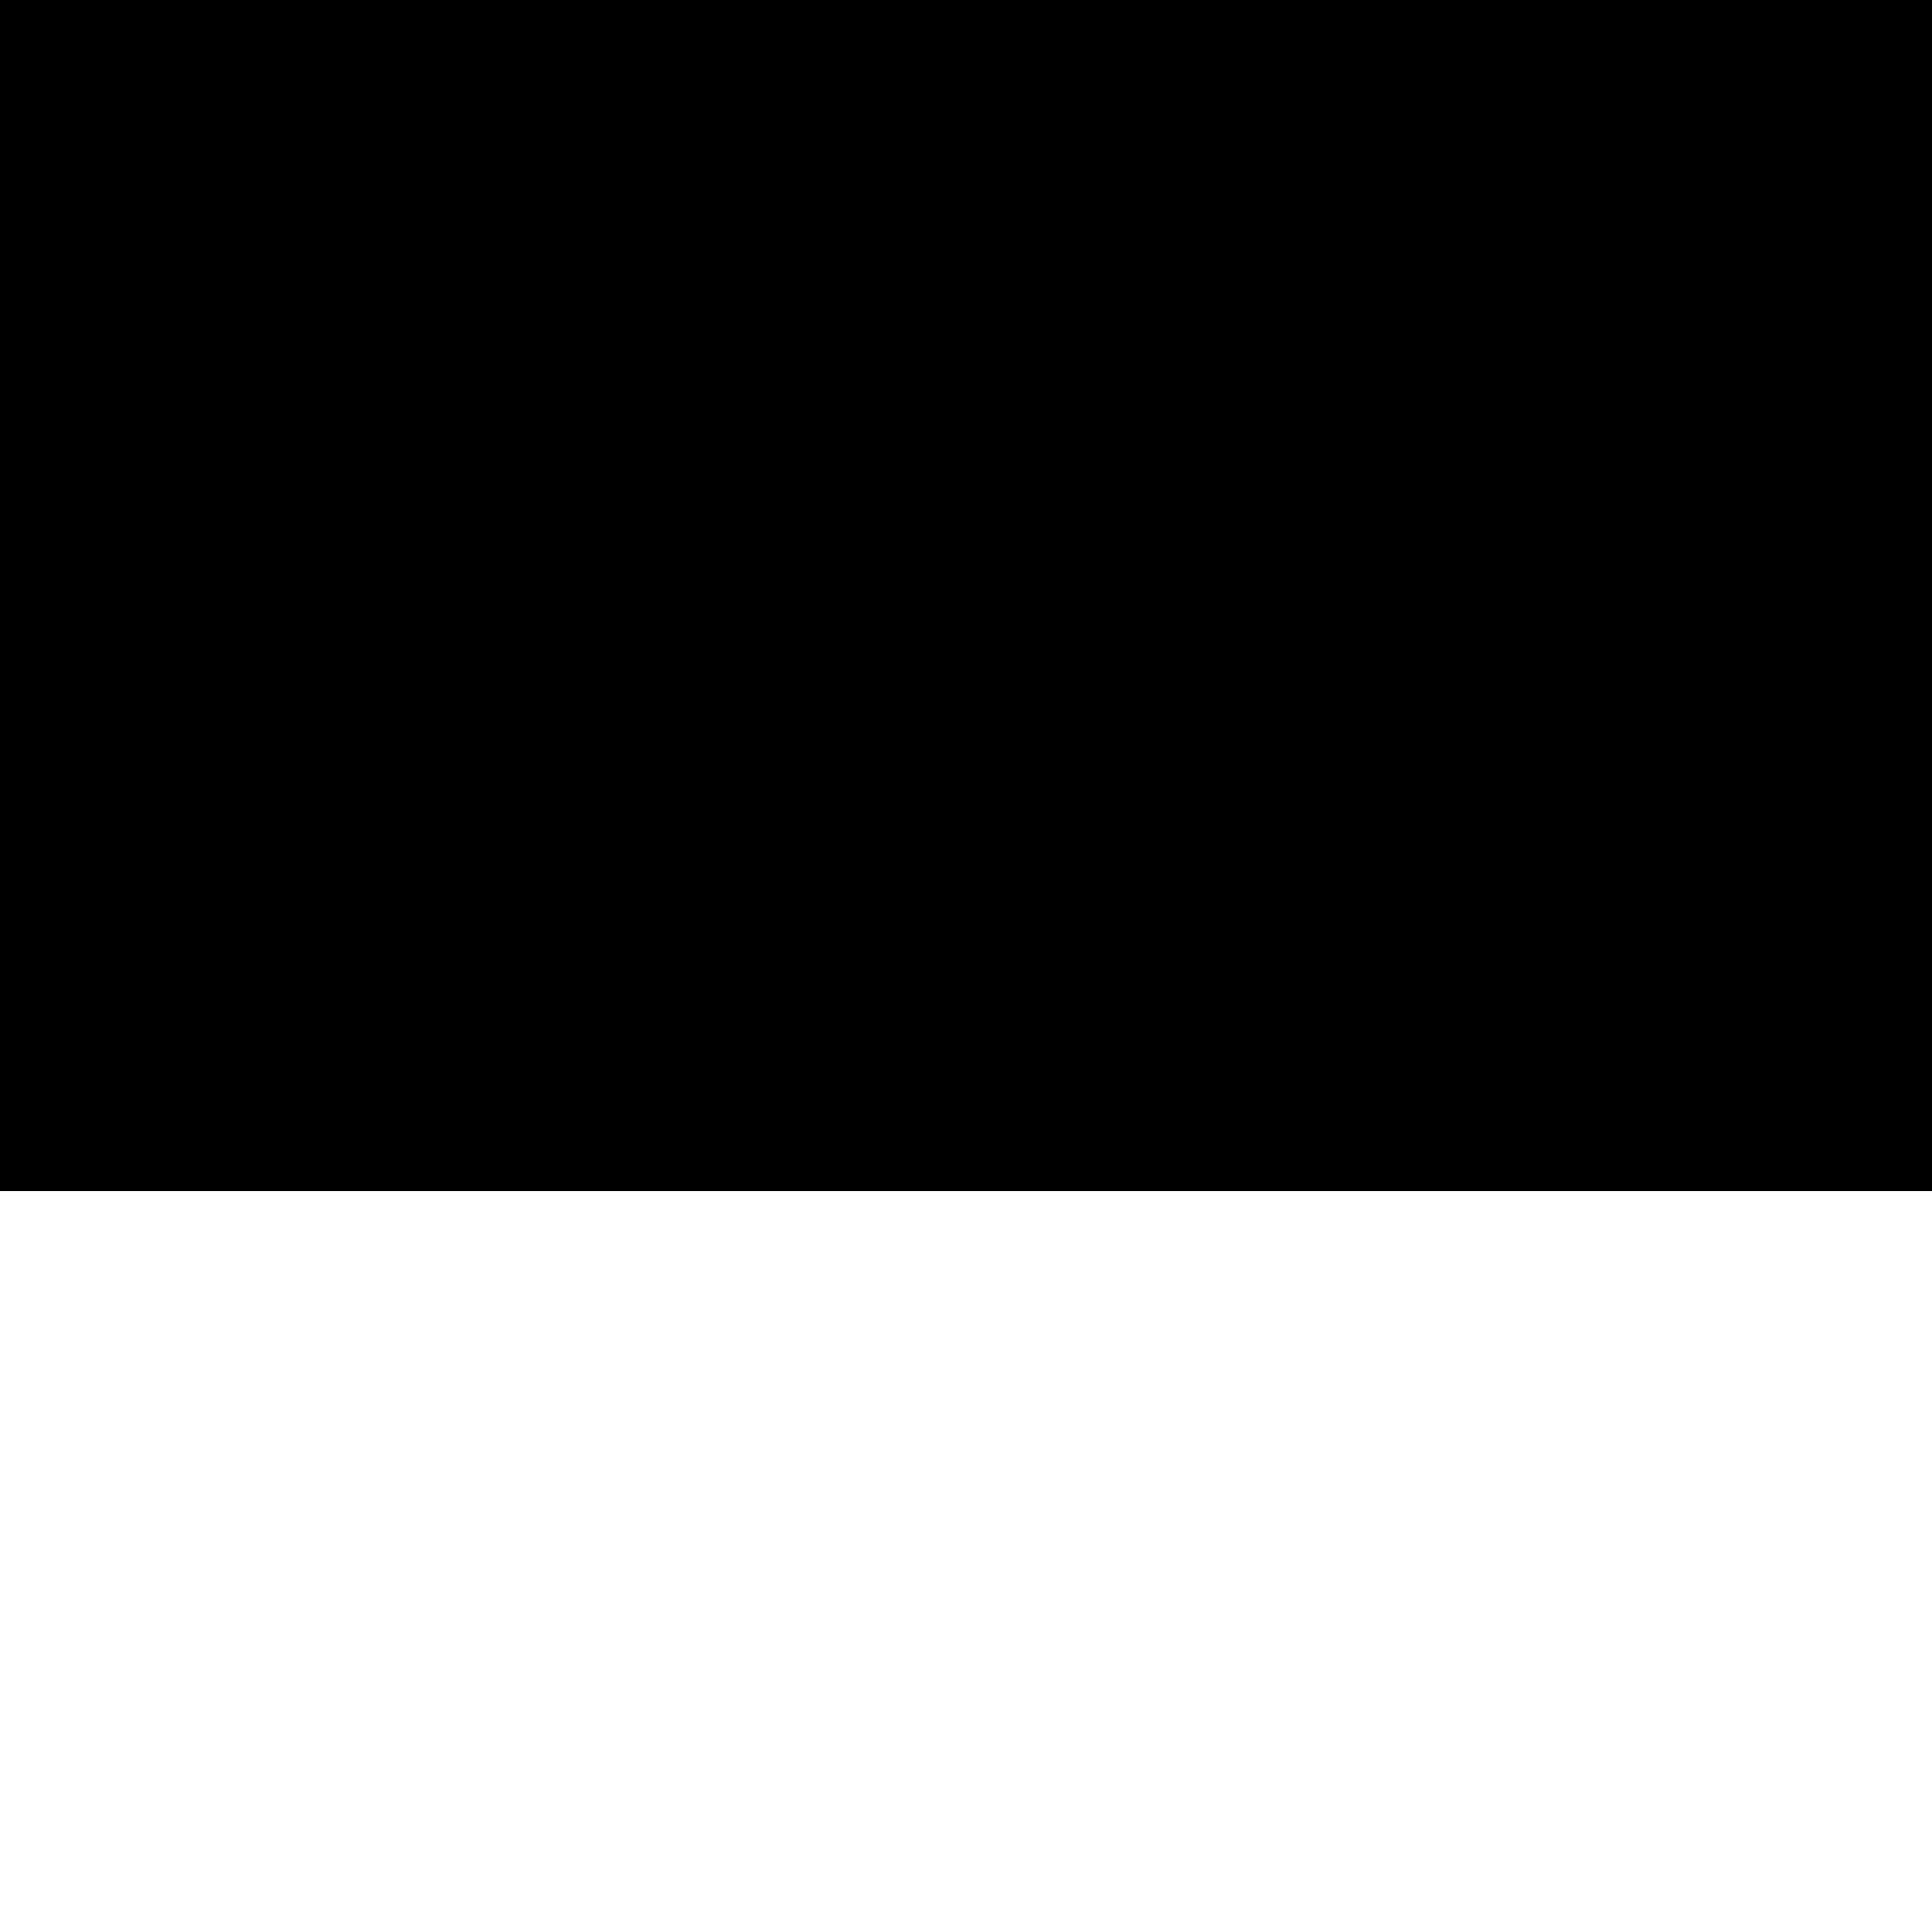 PNG_for_google_merchant_ctverec